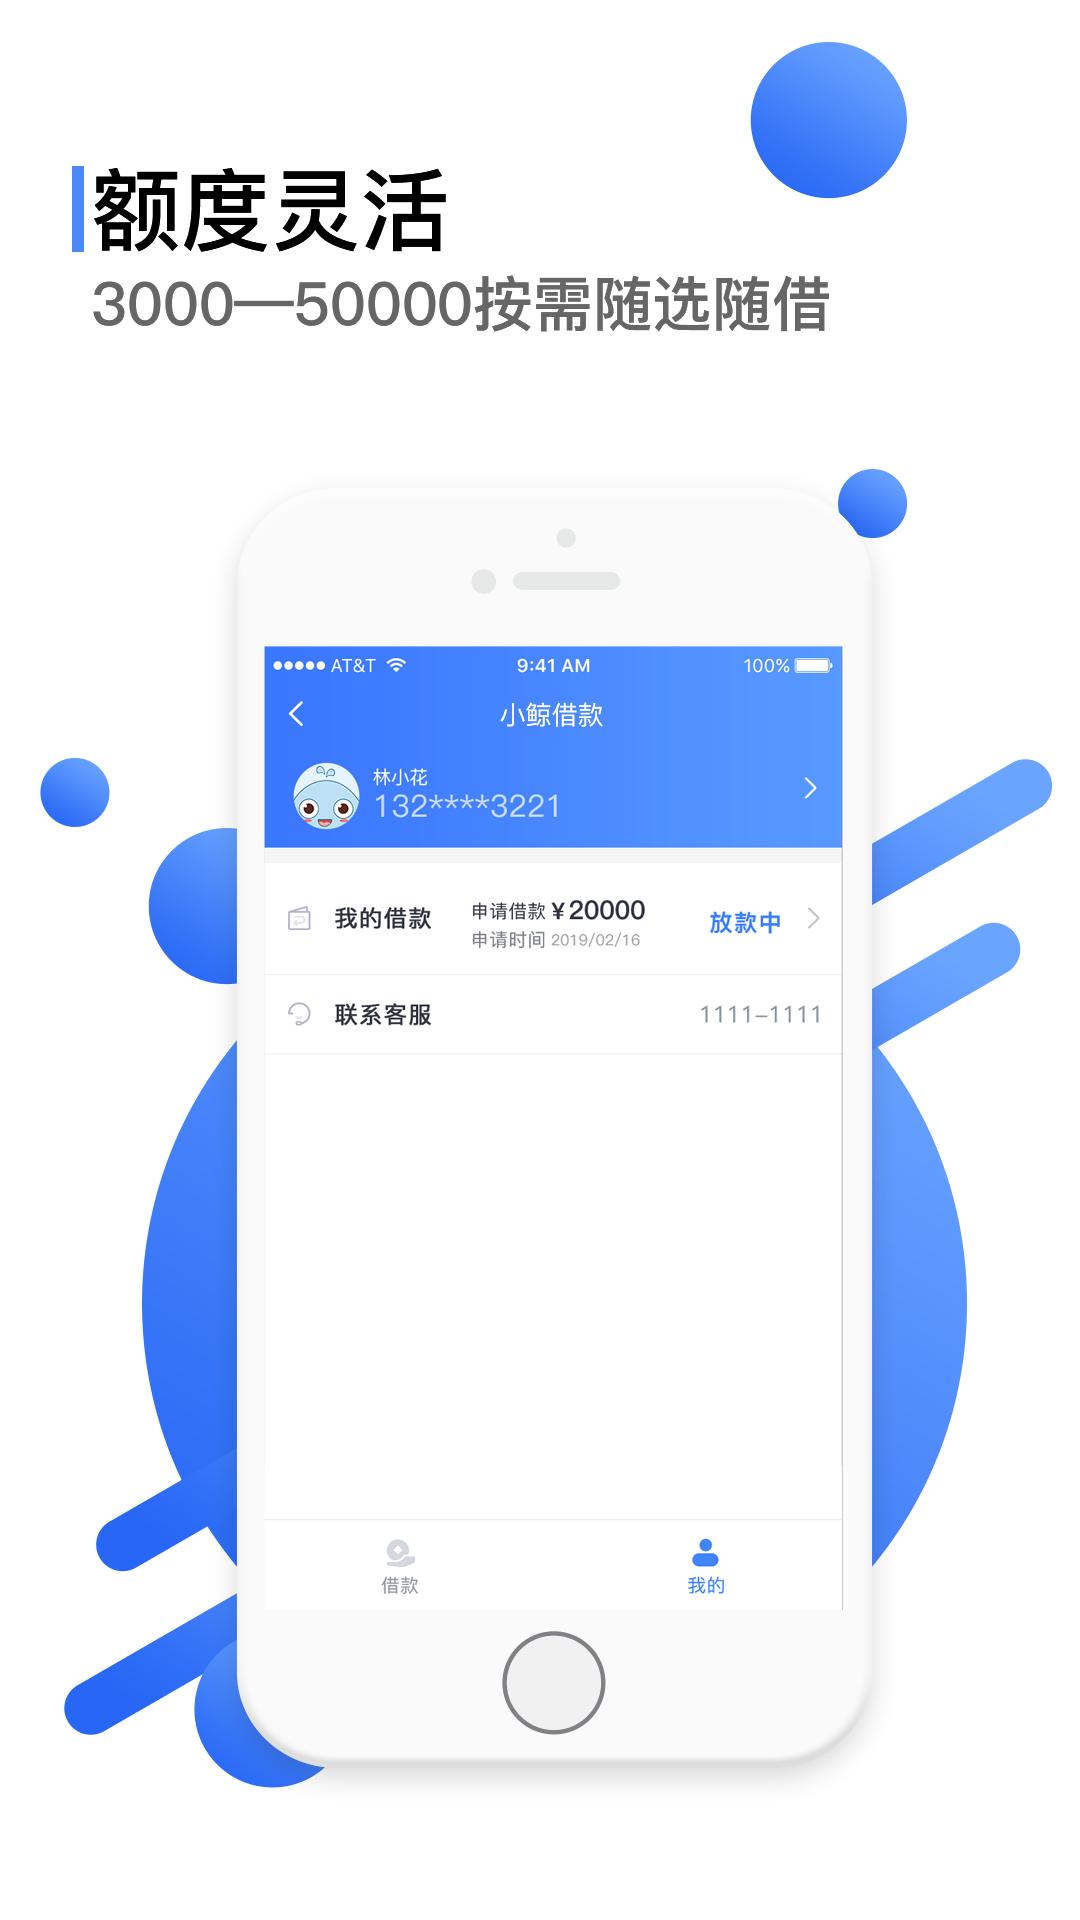 小鲸借款app官方最新版 v1.0.2截图